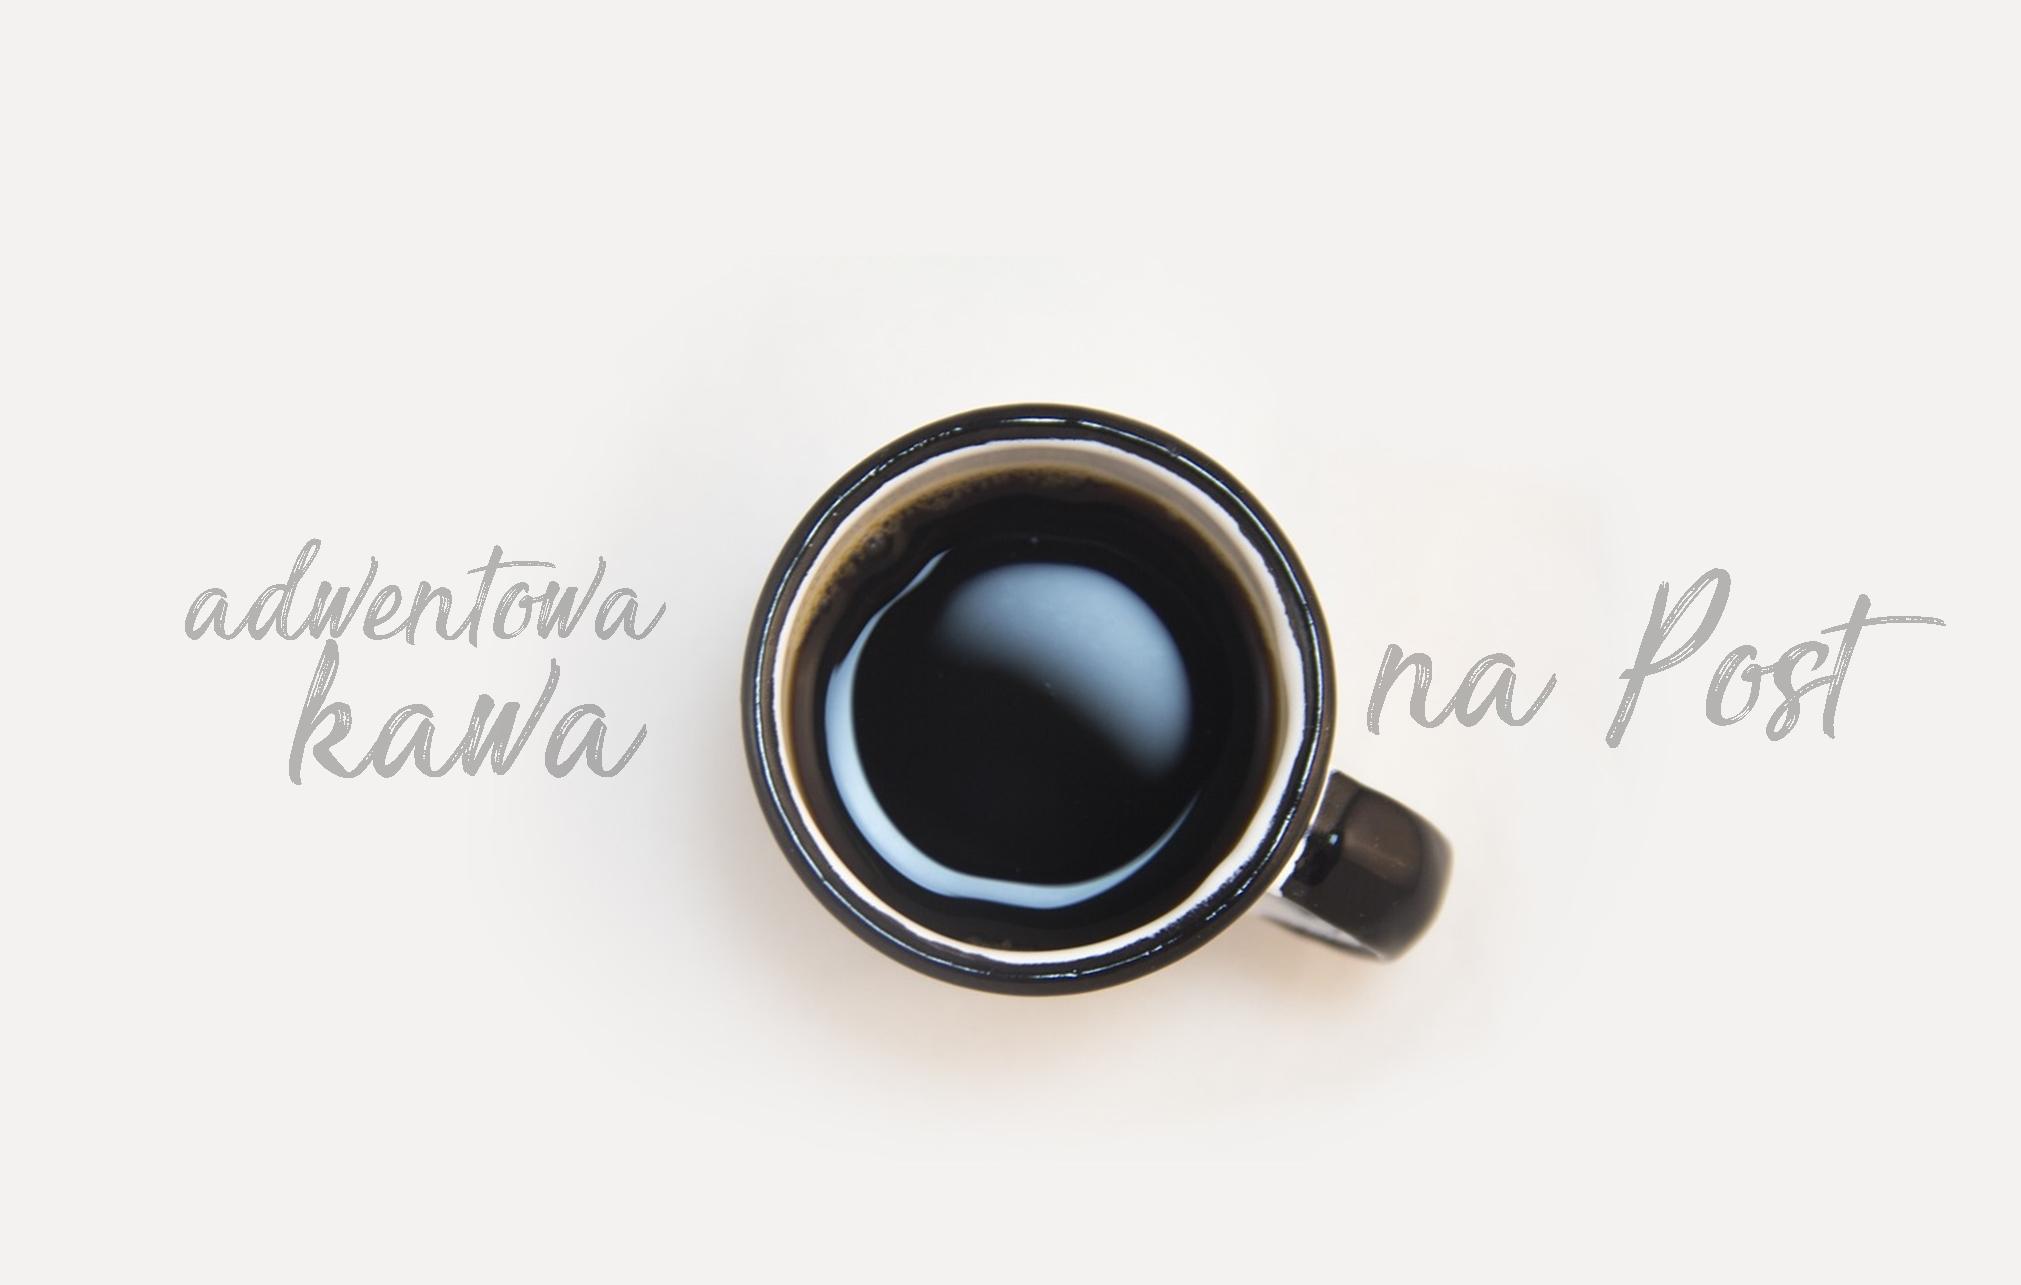 Adwentowa kawa na Wielki Post